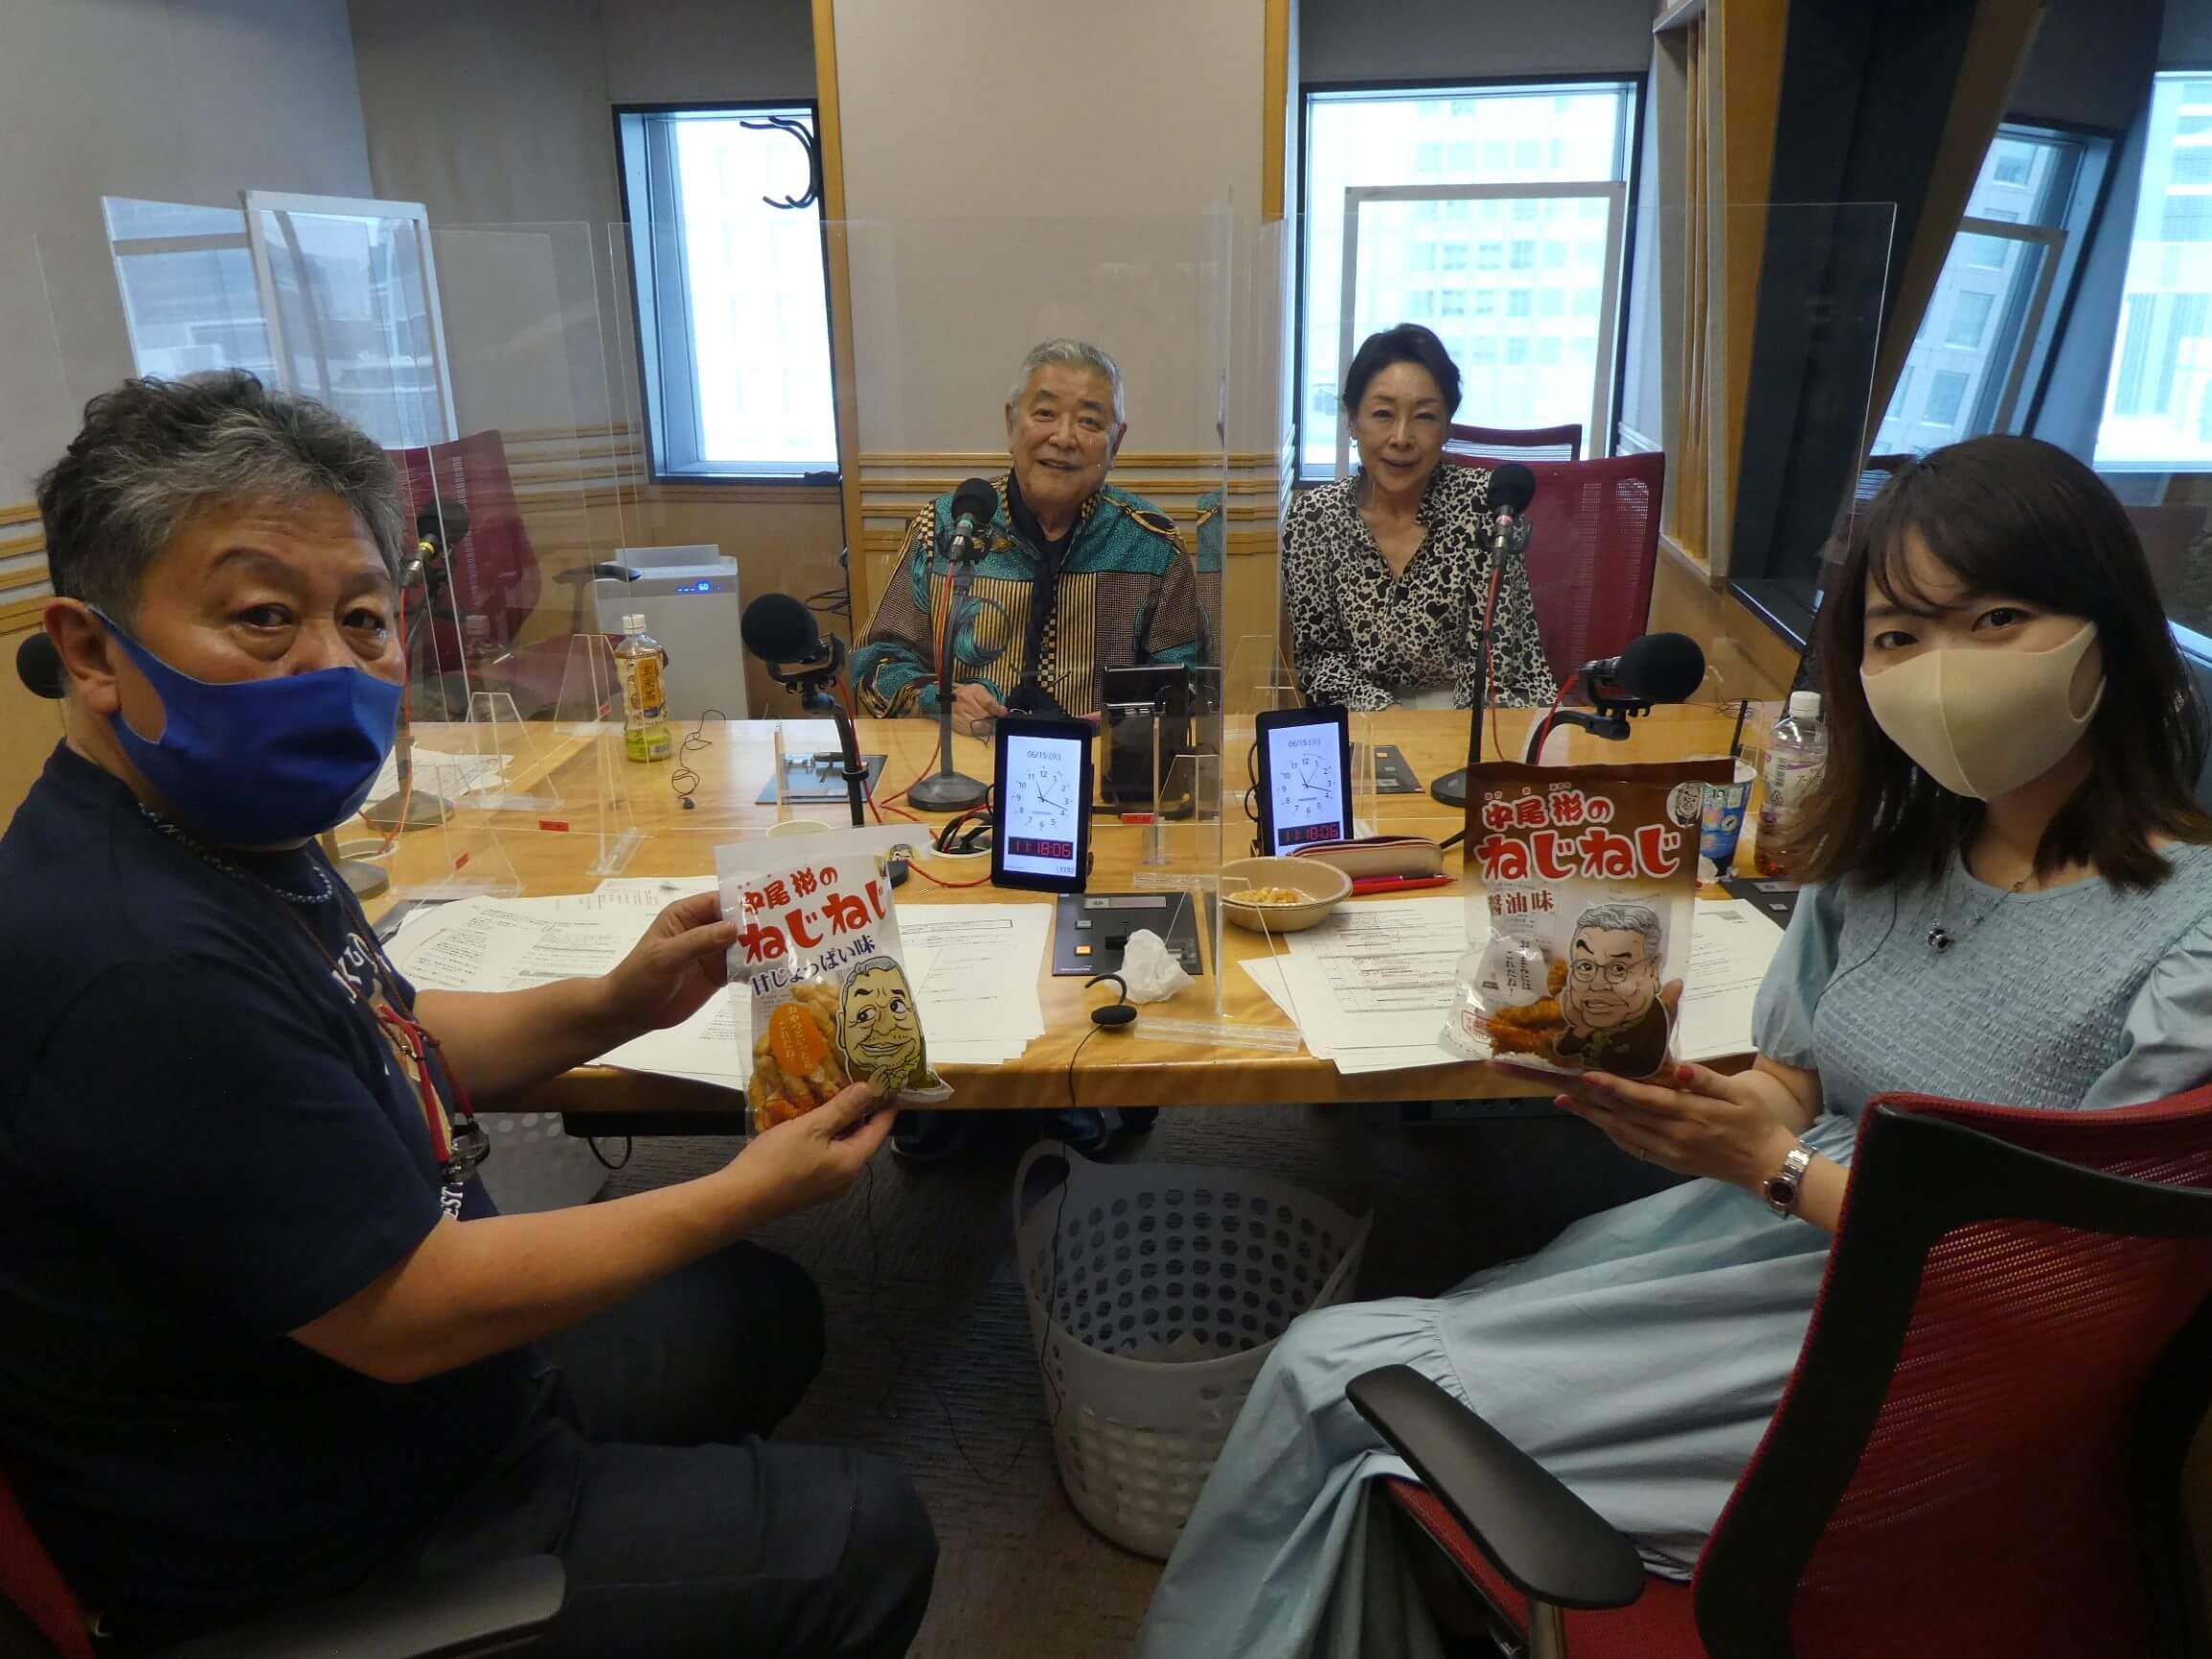 『くにまるジャパン極・極シアター』6月15日(火)のお客様:中尾彬さん・池波志乃さんご夫妻